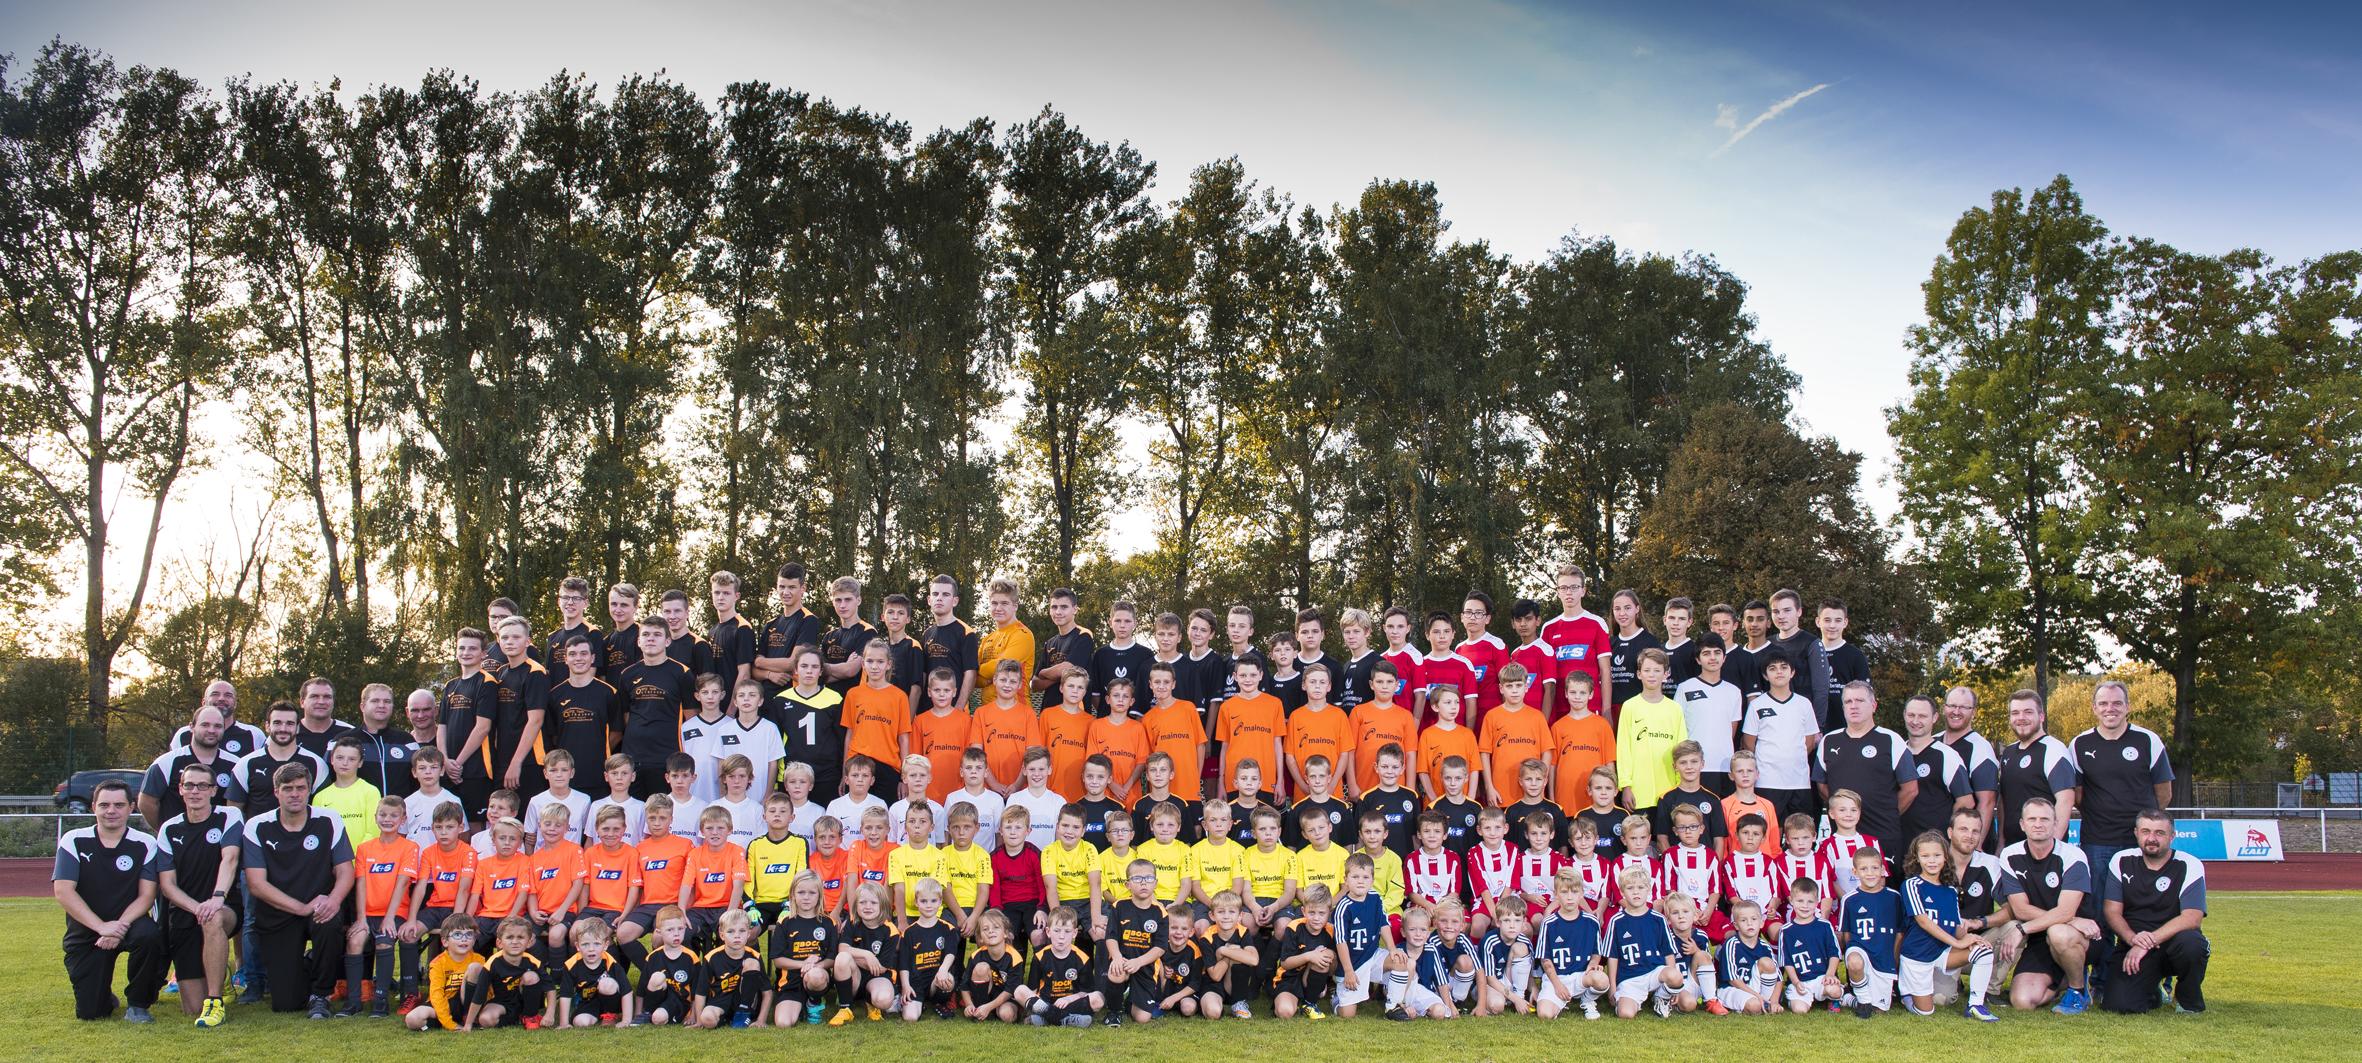 Jugendspielgemeinschaft Neuhof 2018